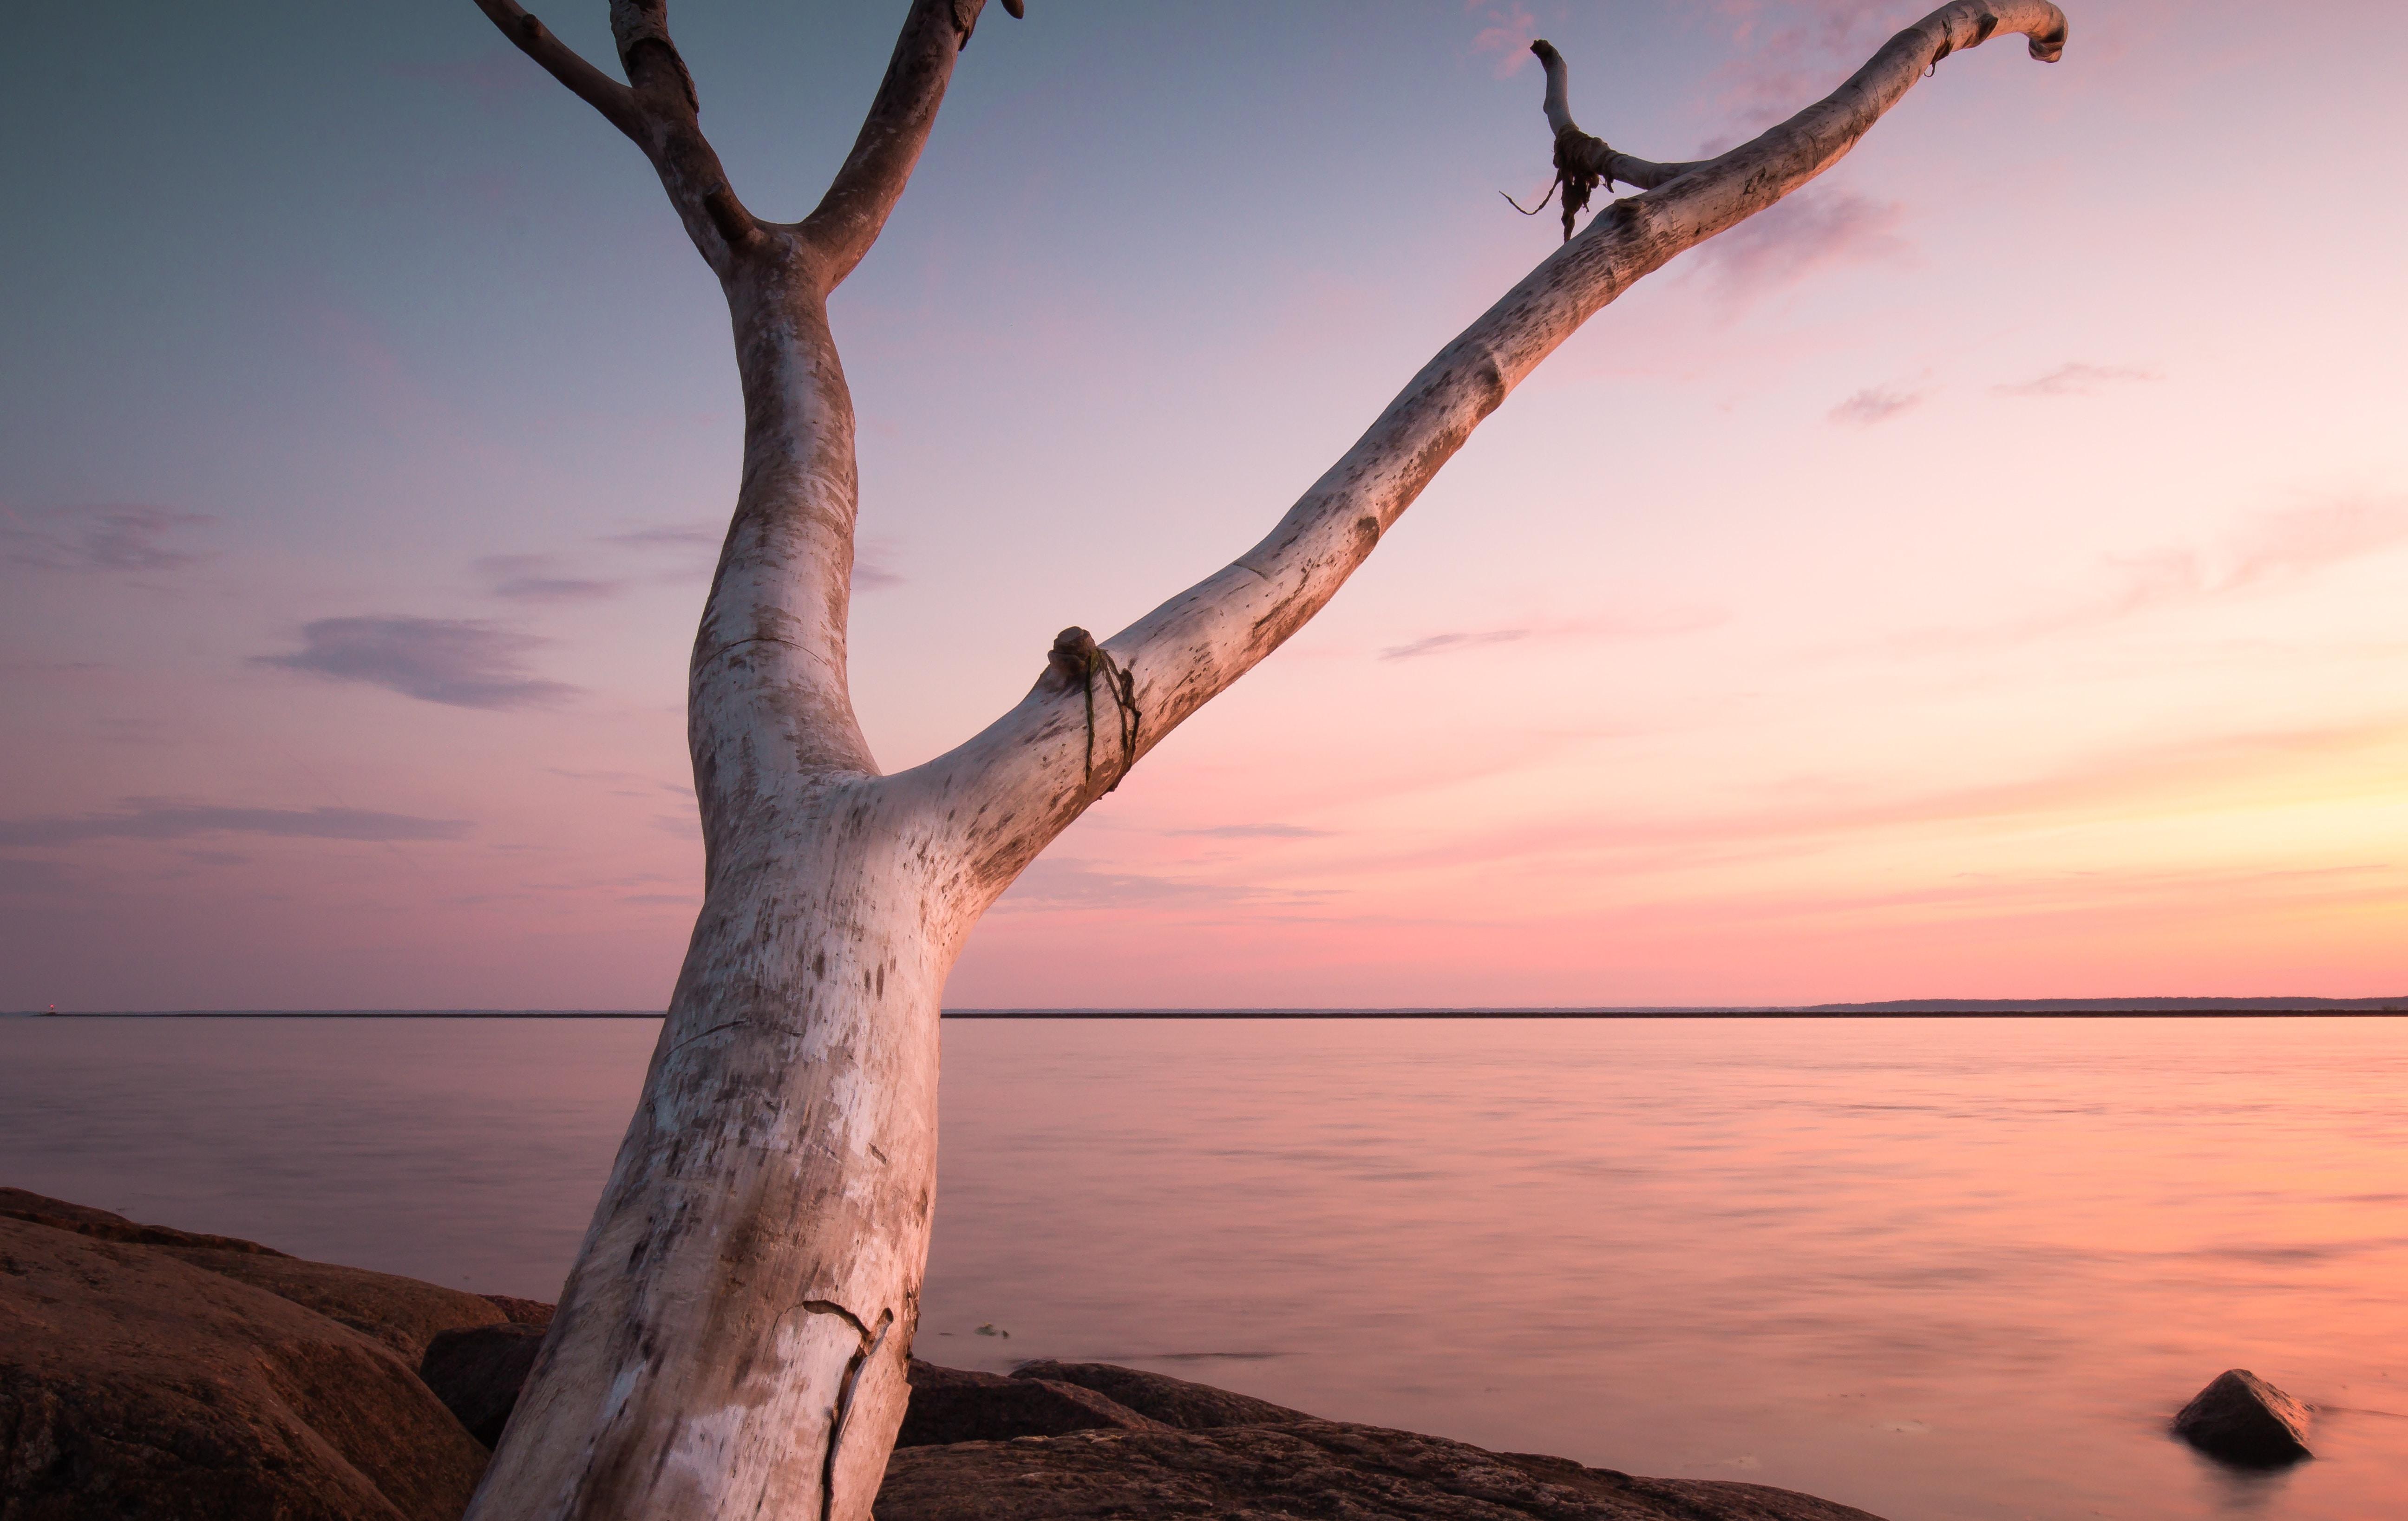 tree trunk near body of water